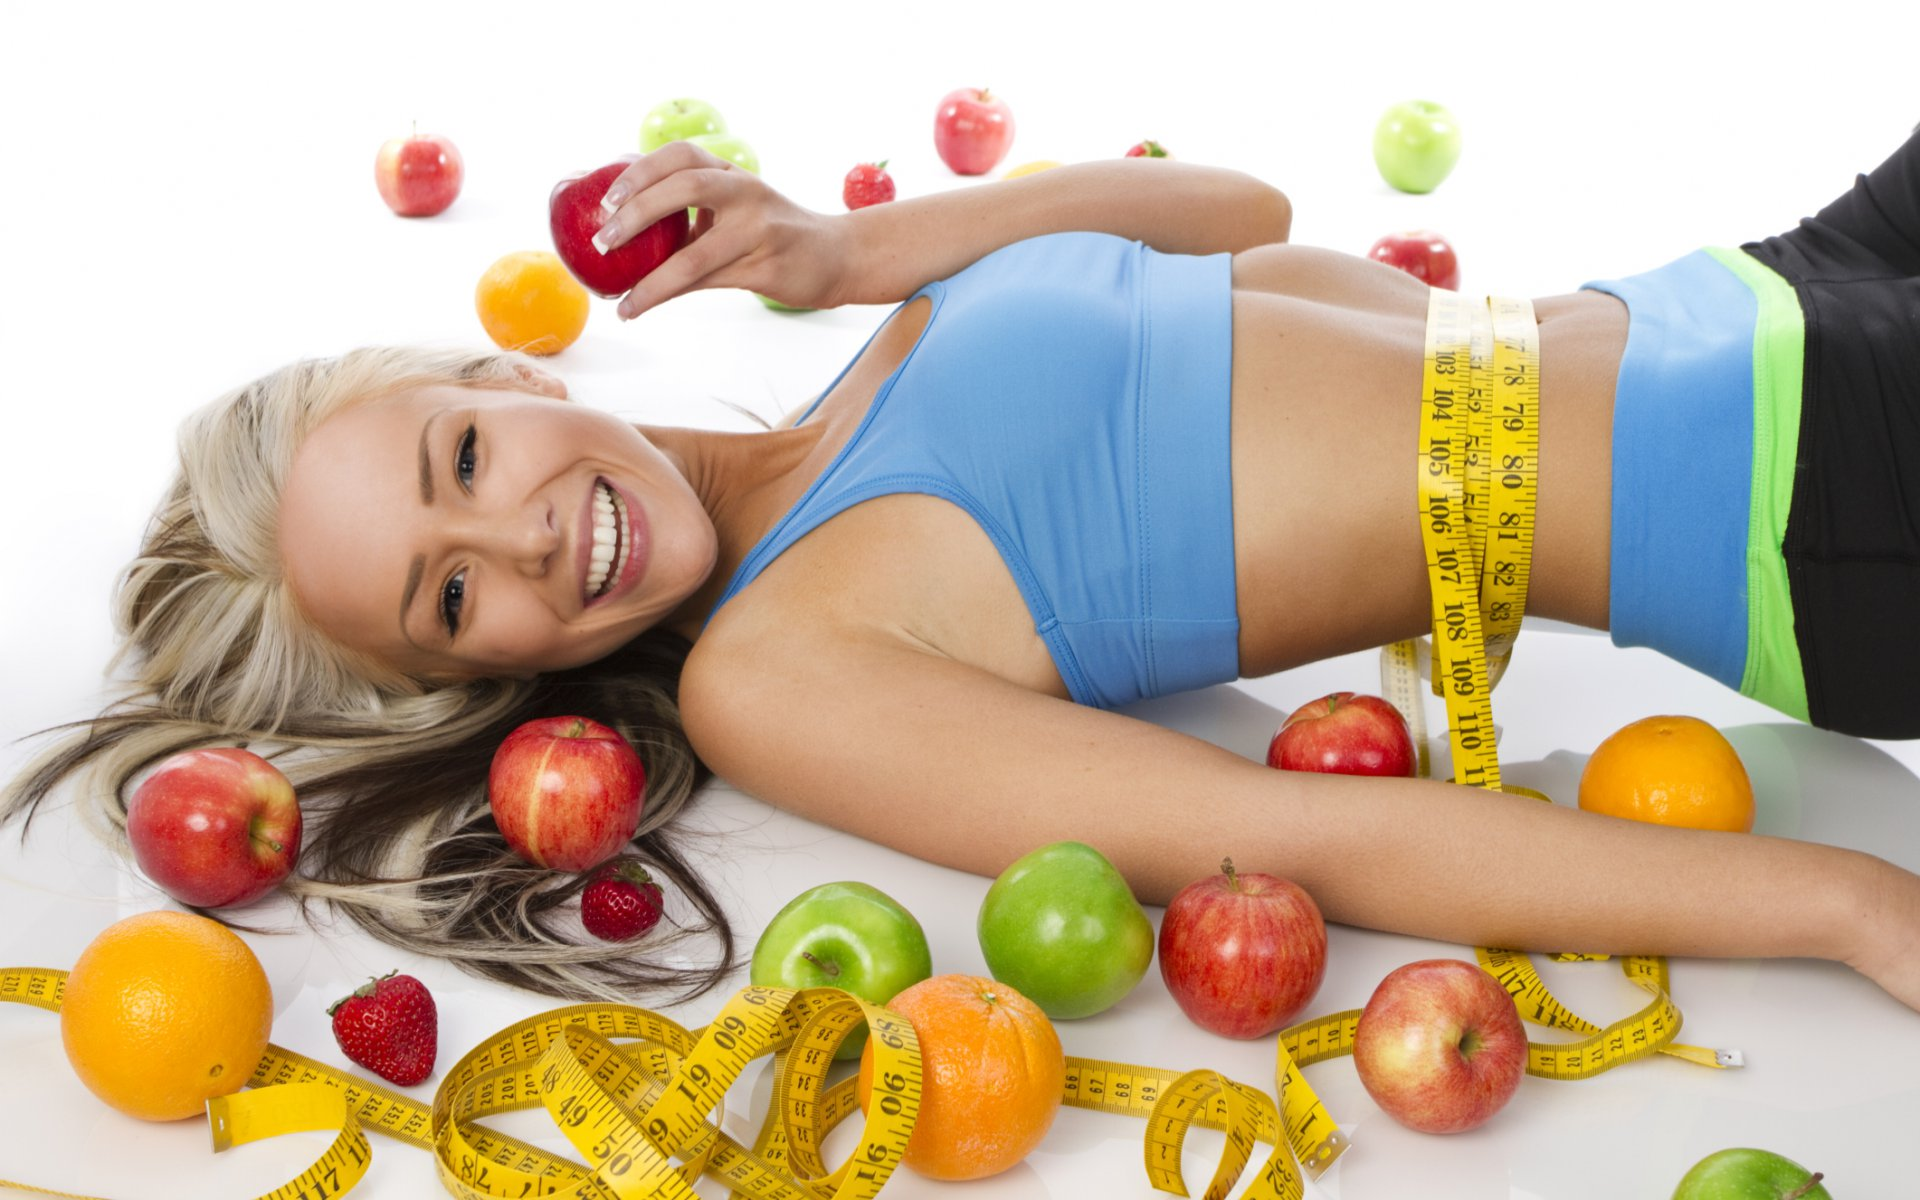 Как правильно питаться: здоровый образ жизни Основы